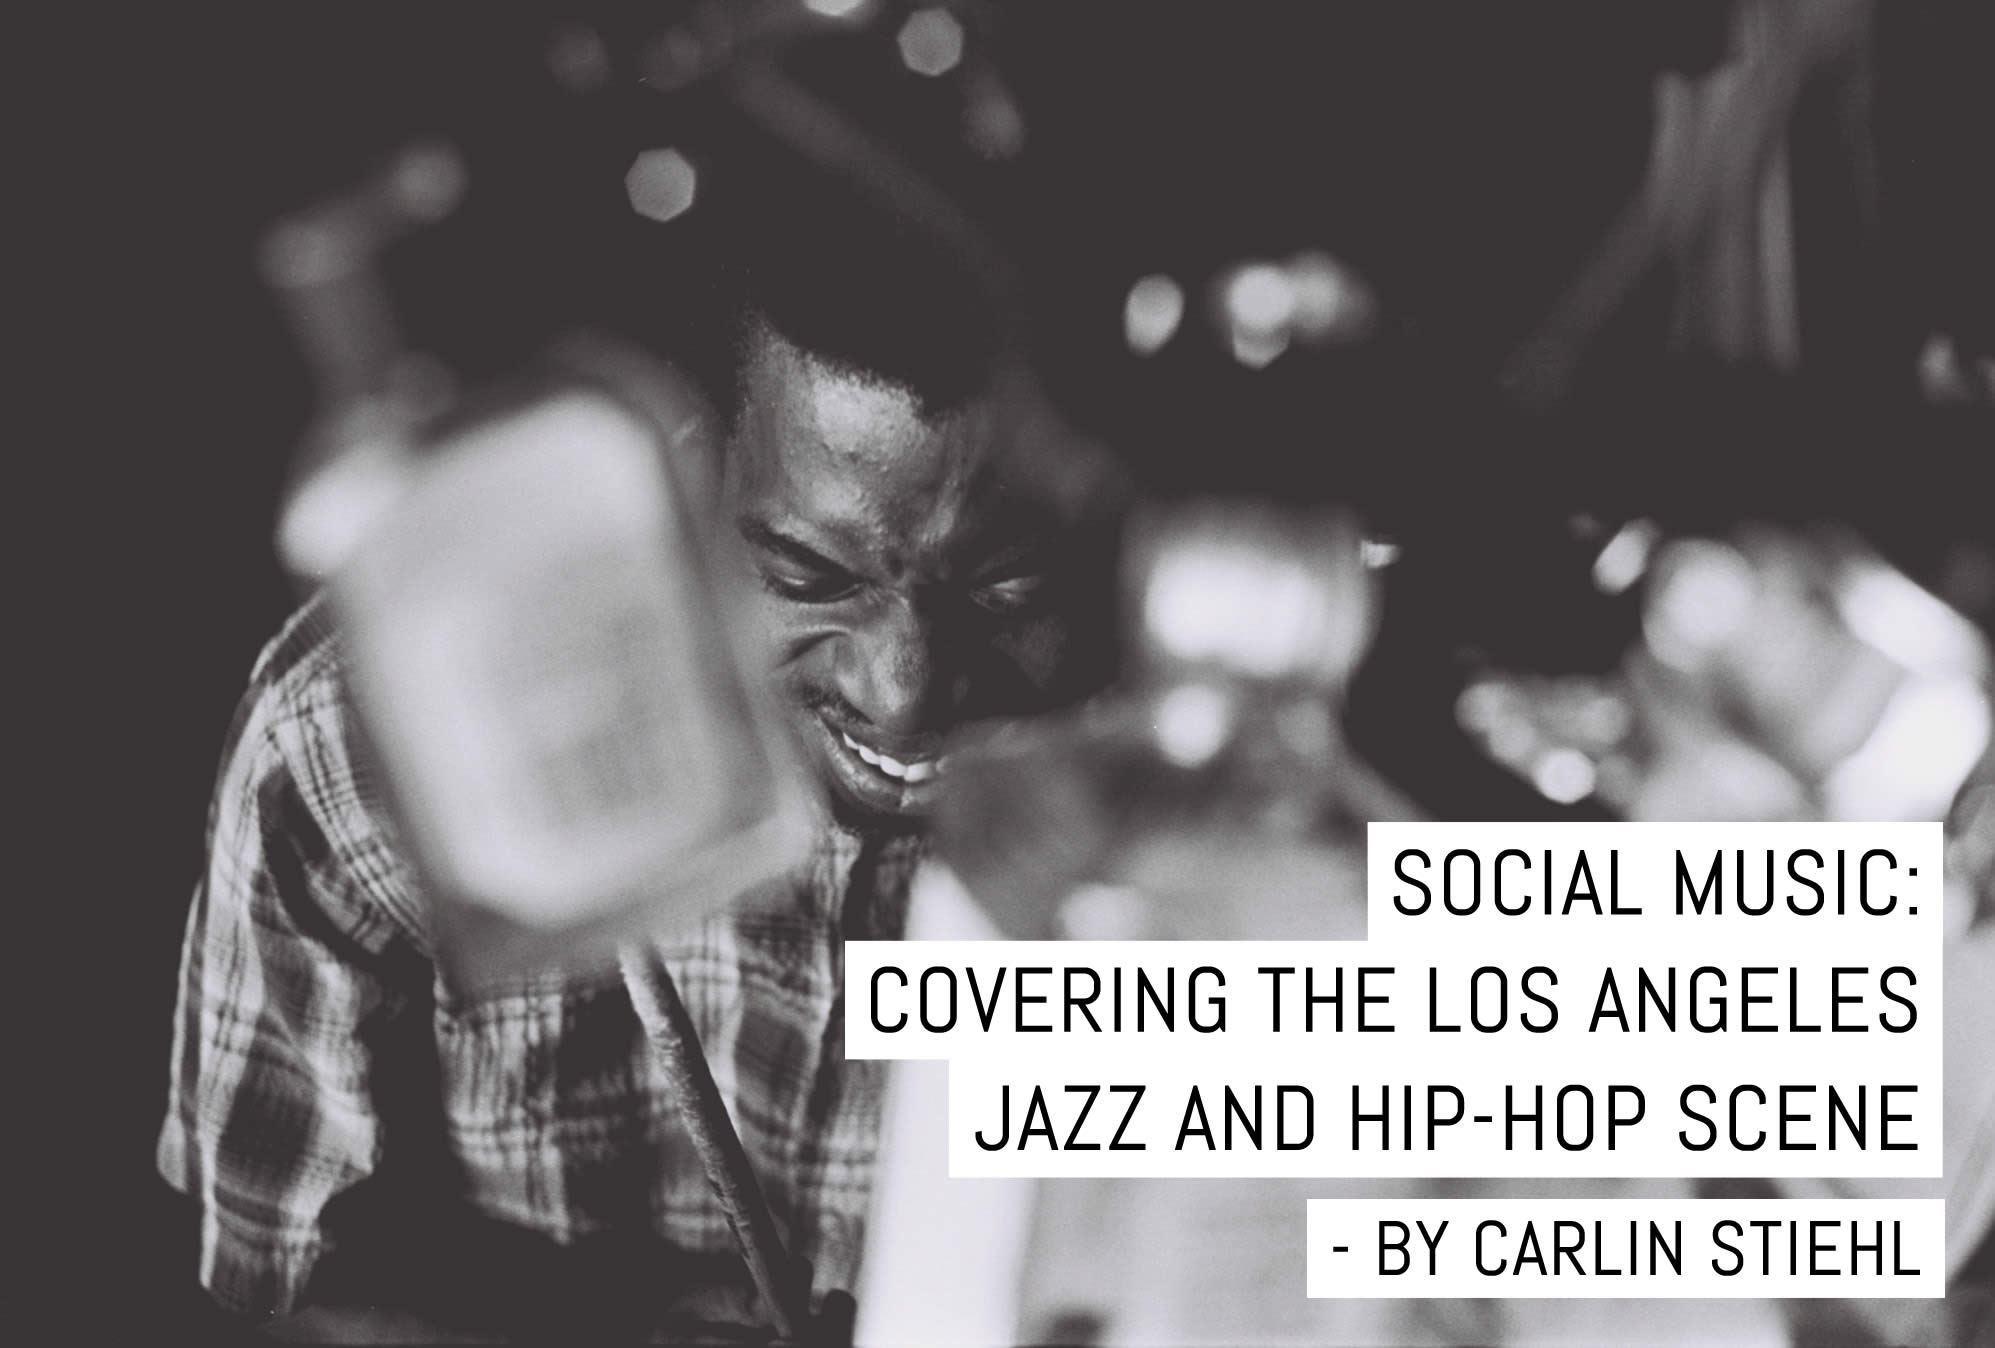 Social Music: Couvre la scène jazz et hip-hop de Los Angeles – de Carlin Stiehl